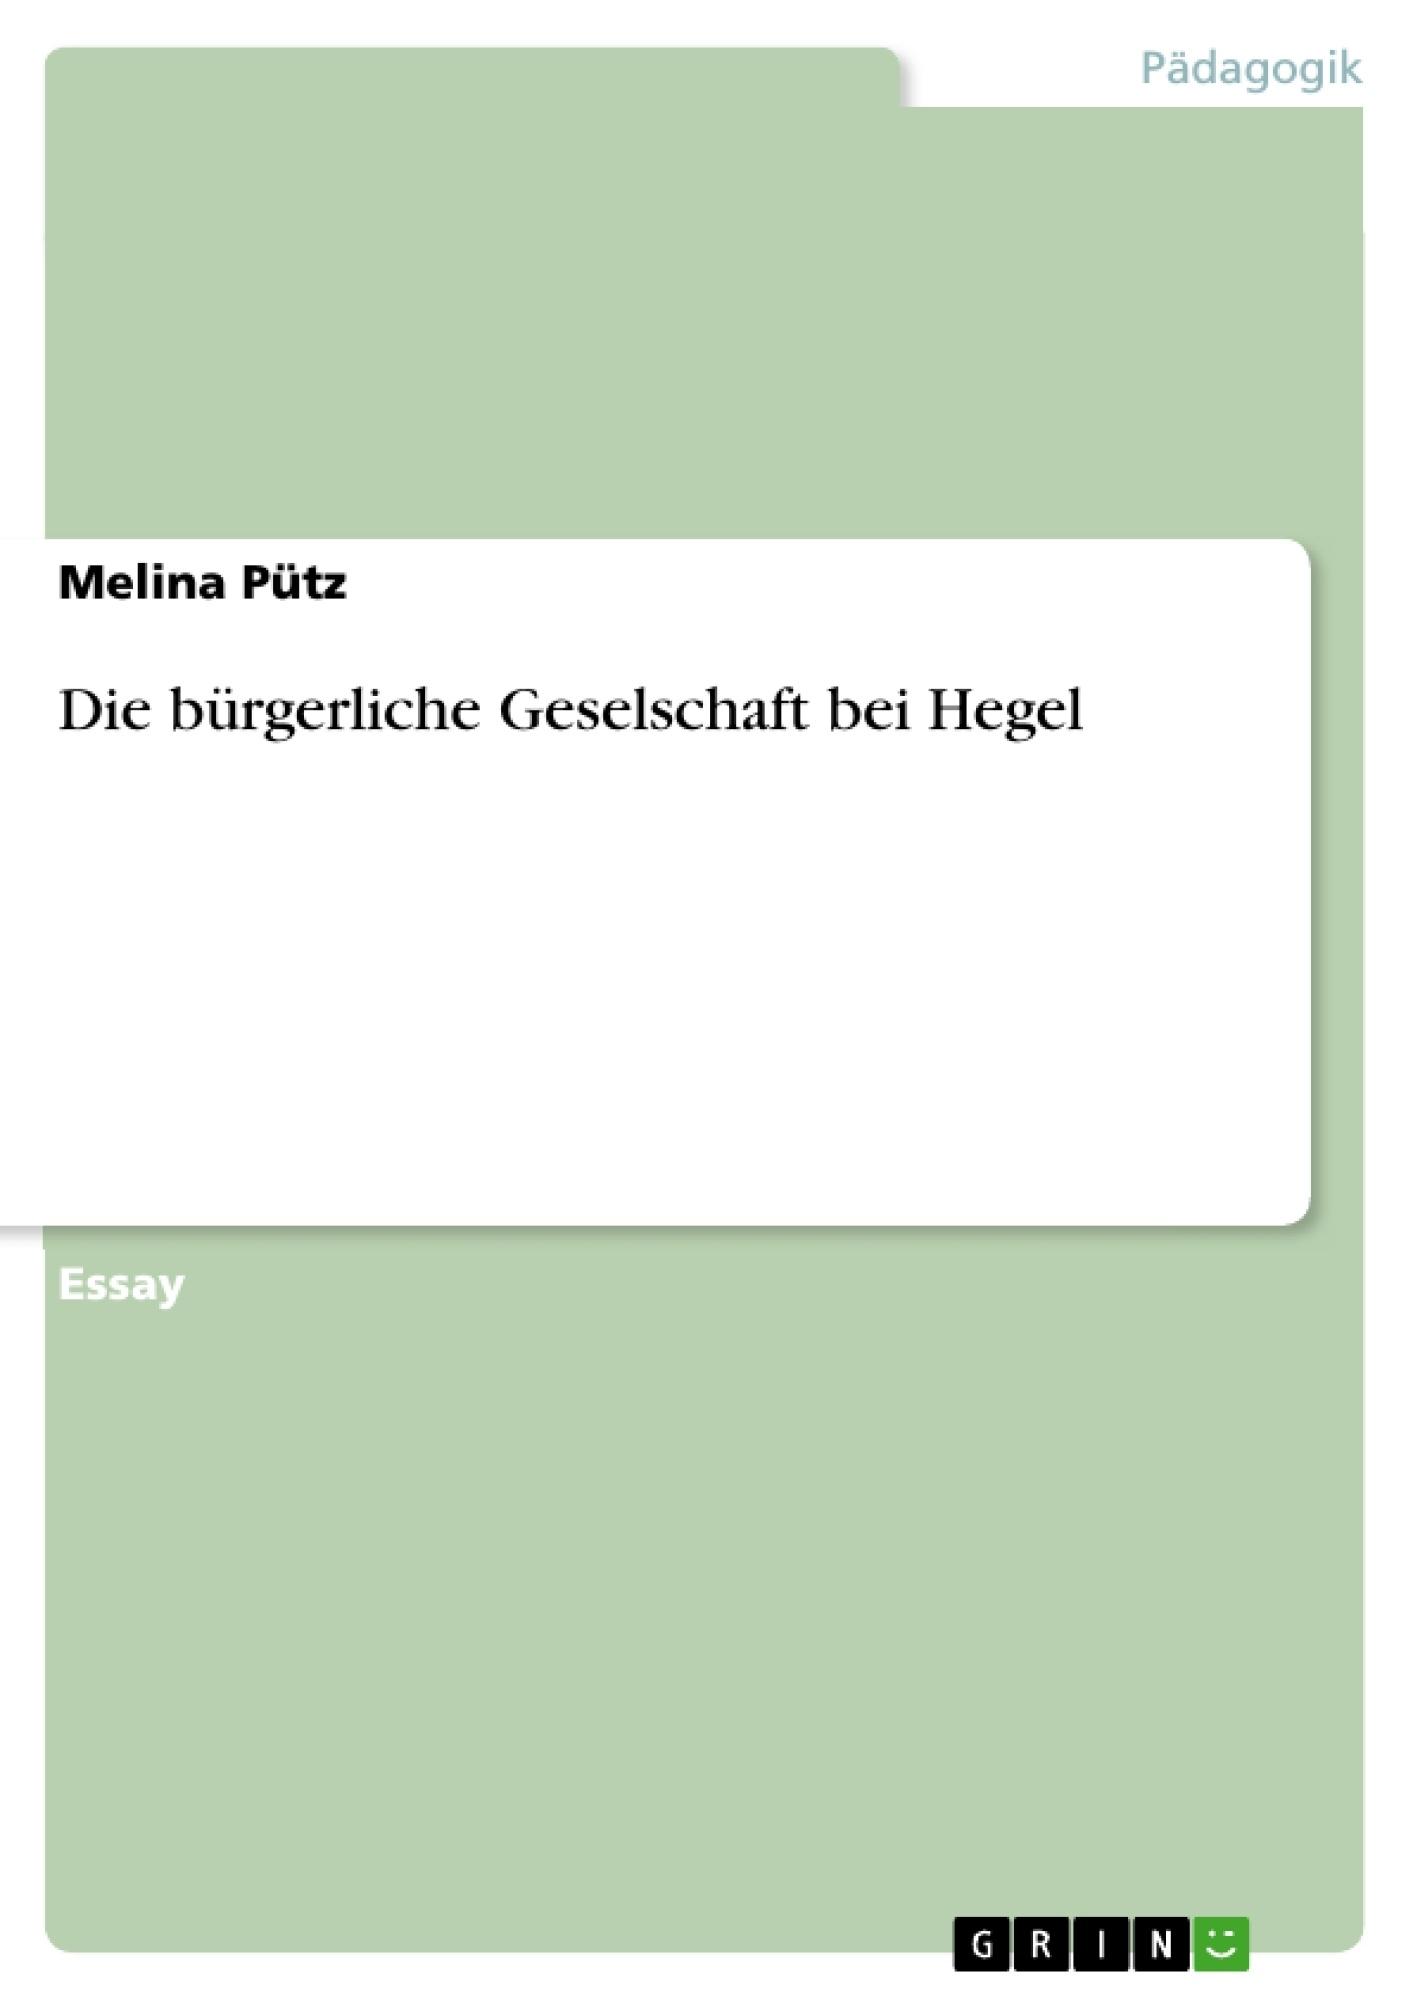 Titel: Die bürgerliche Geselschaft bei Hegel